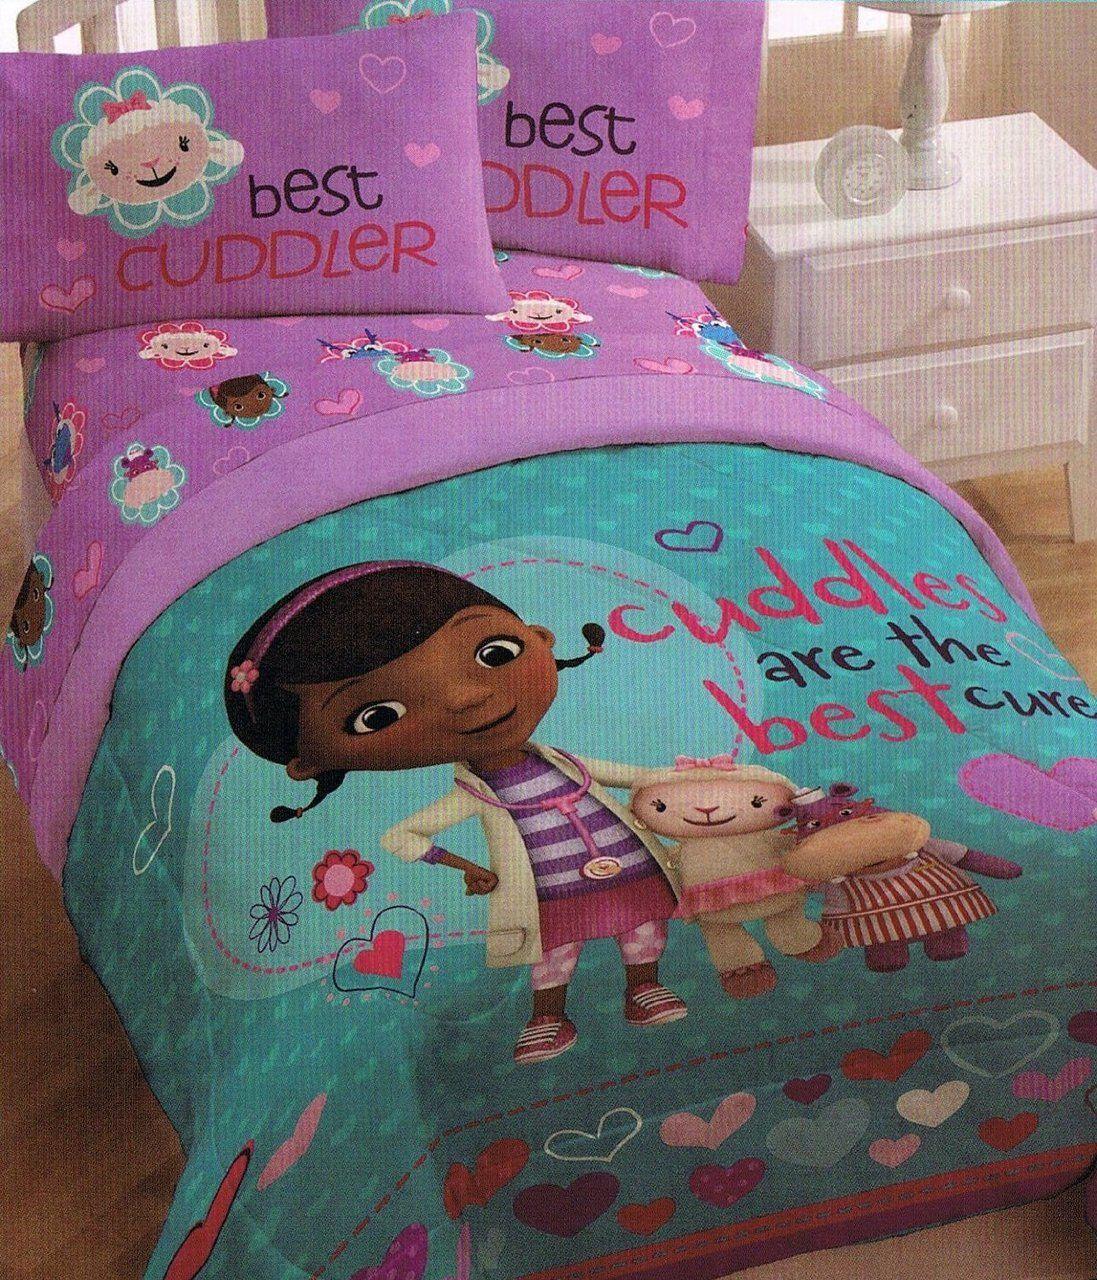 Disney Doc Mcstuffins Full Sheet Set Bedding Sets Kidswhs Com